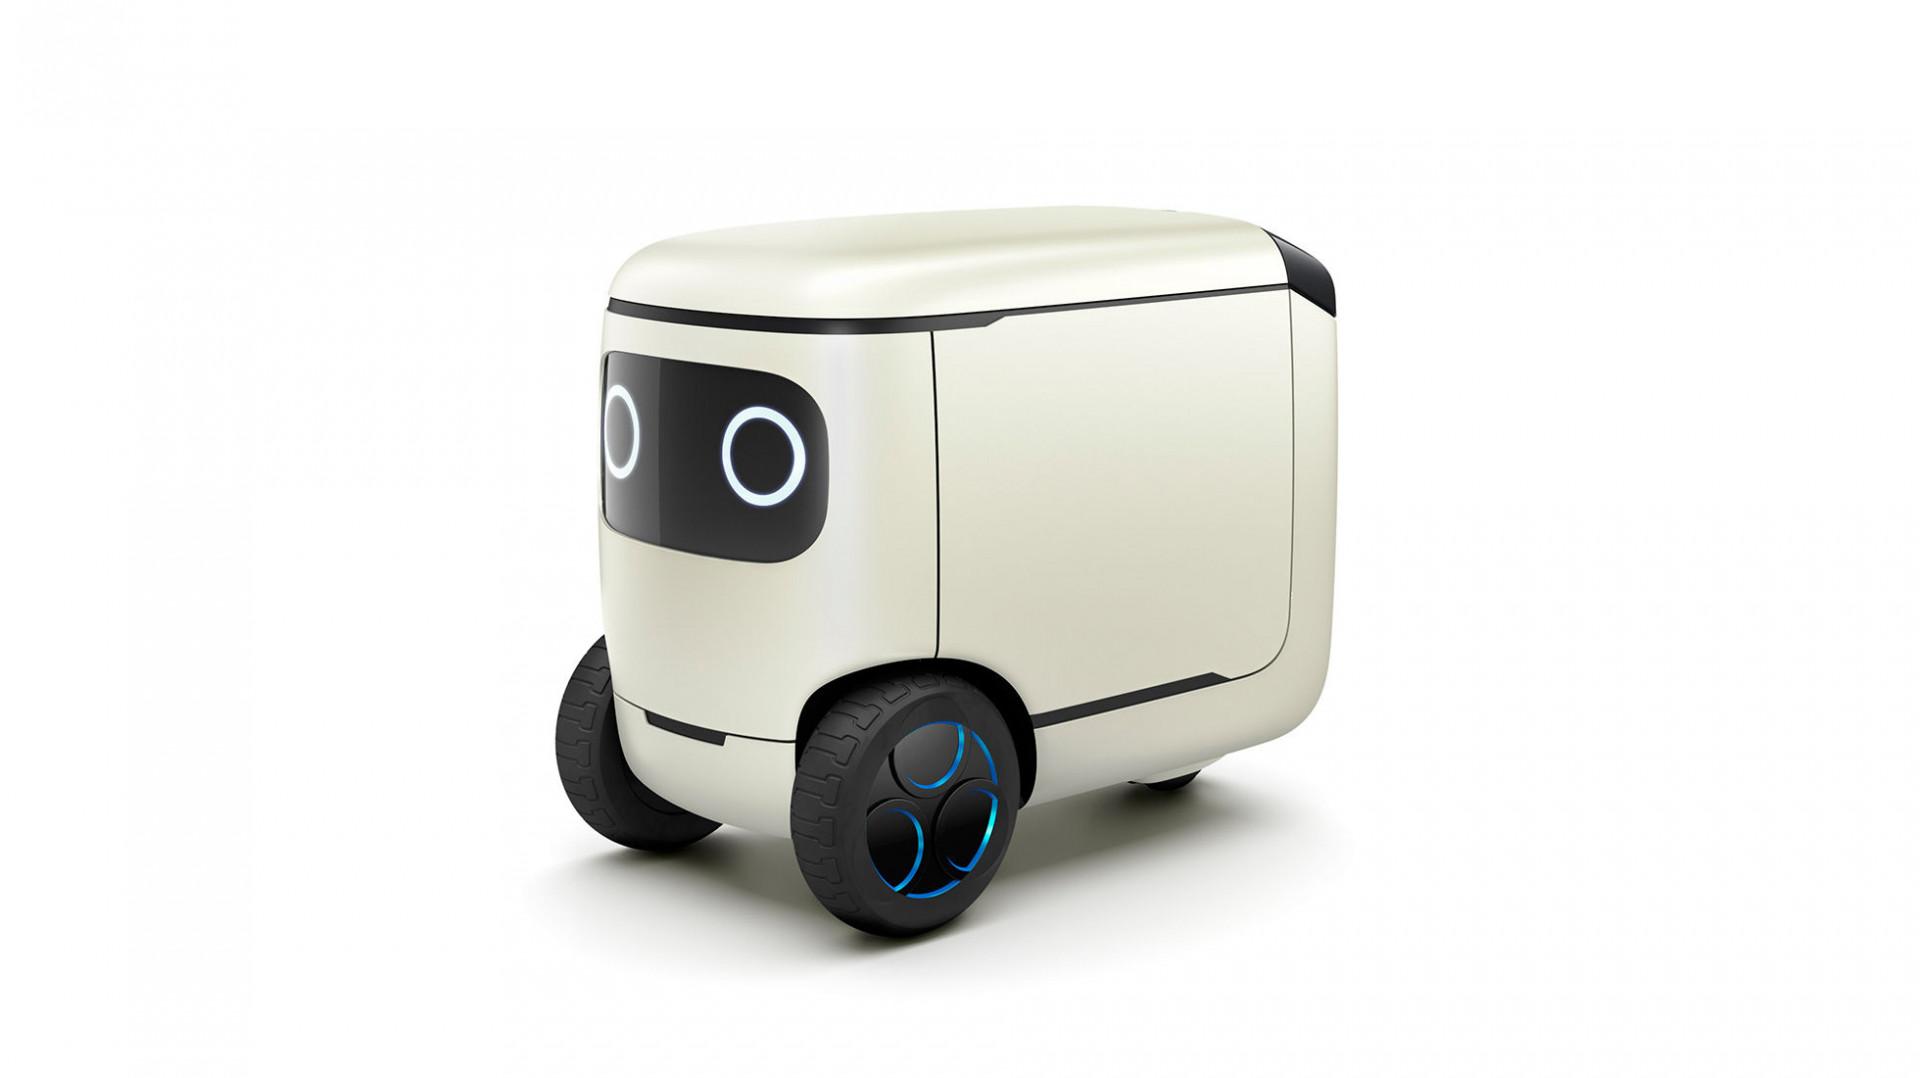 Kühlschrank Im Auto Transportieren : Konzept robocas hondas niedlicher autonom rollender kühlschrank